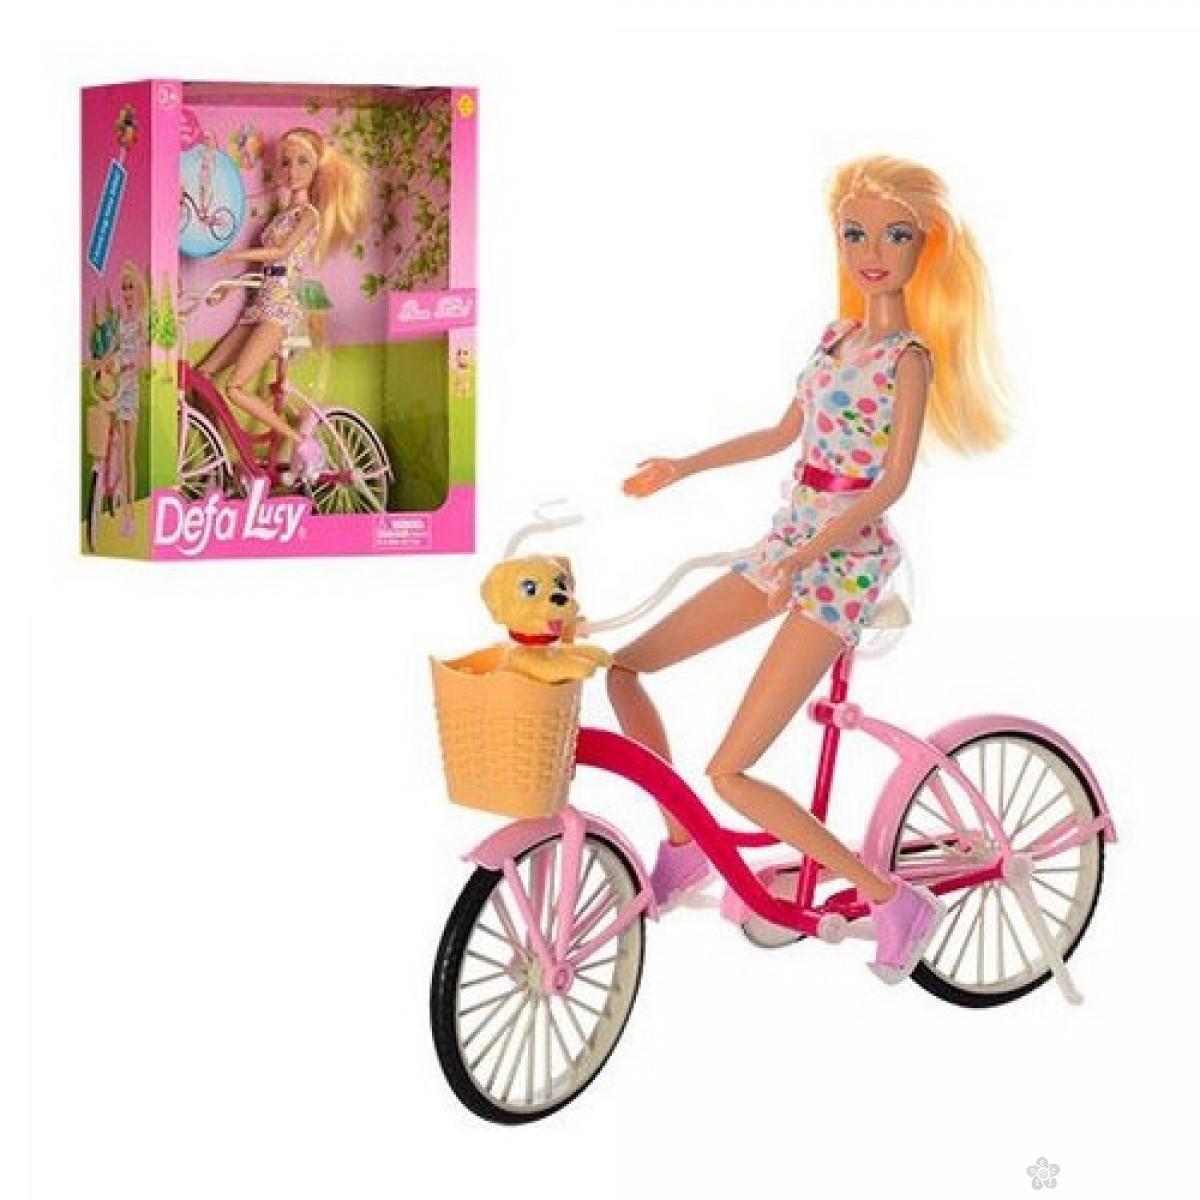 Lutka Defa na biciklu sa ljubimcem, 40702